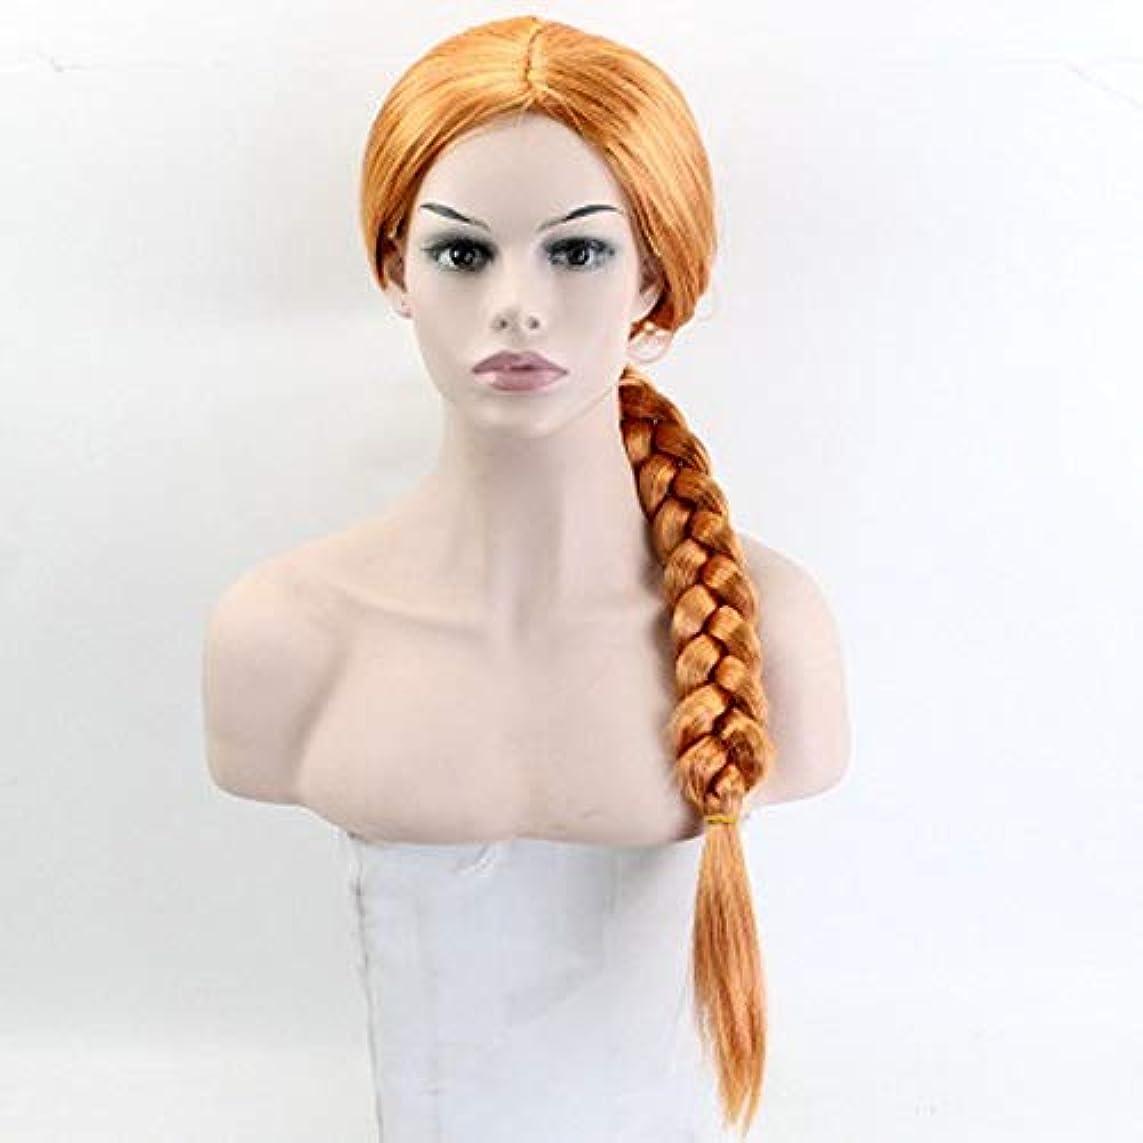 抜け目のない塩辛いアルコール女性のための色のかつら長いウェーブのかかった髪、高密度温度合成かつら女性のグルーレスウェーブのかかったコスプレヘアウィッグ、女性のための耐熱繊維の髪のかつら、紫色のウィッグ47インチ